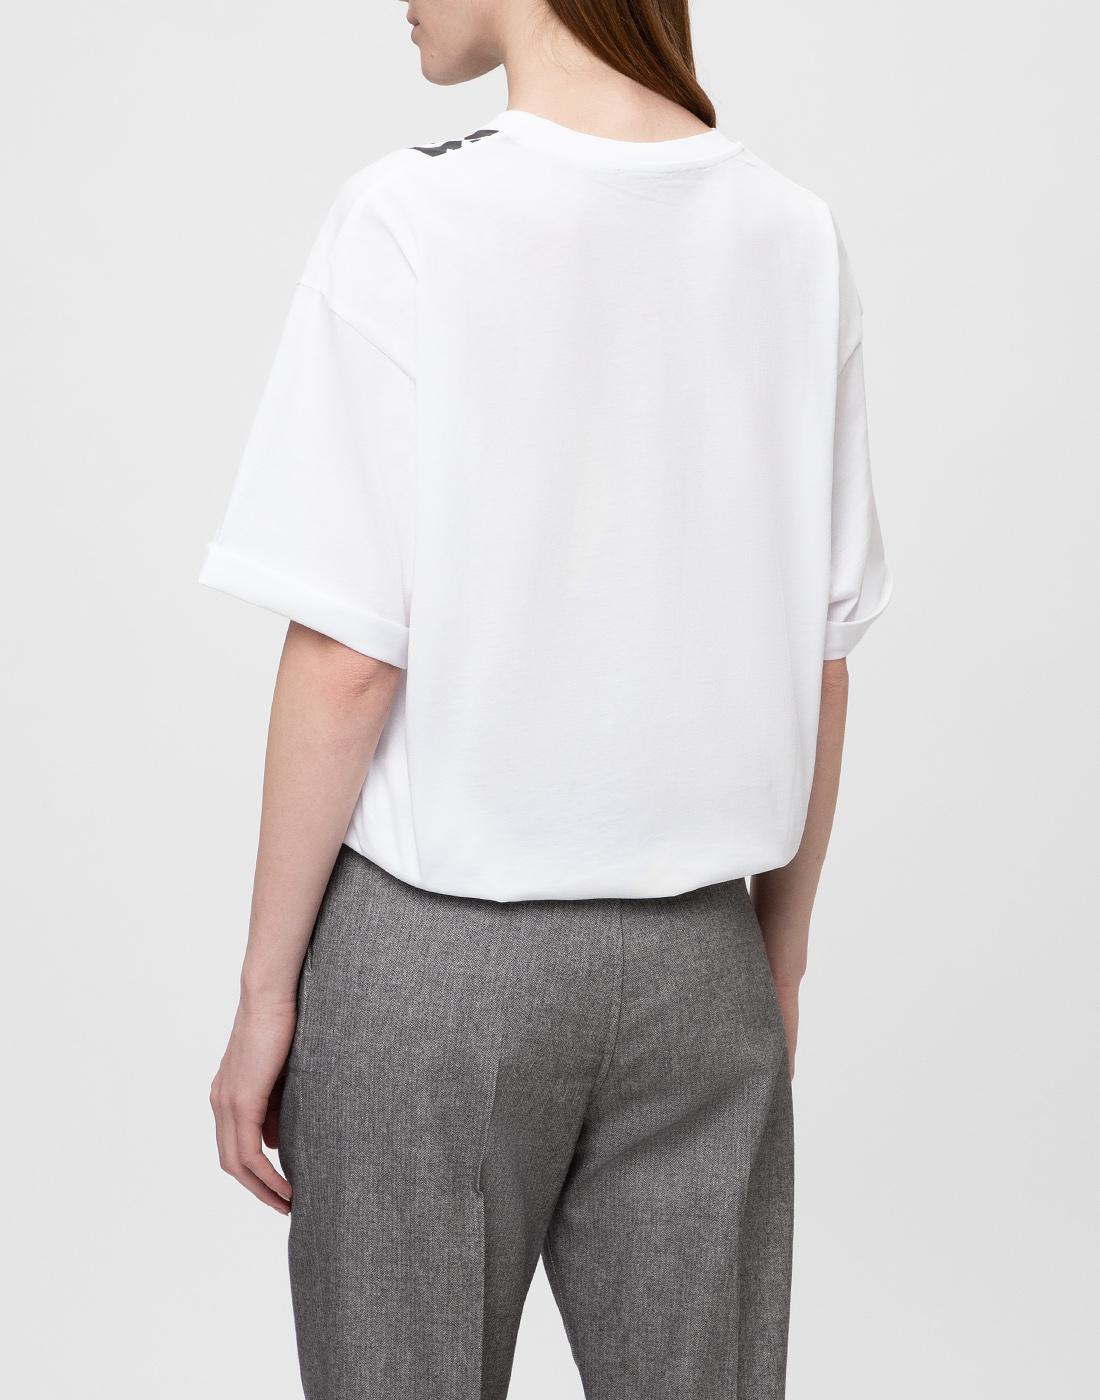 Женская белая футболка с принтом Dorothee Schumacher S623501/100-4